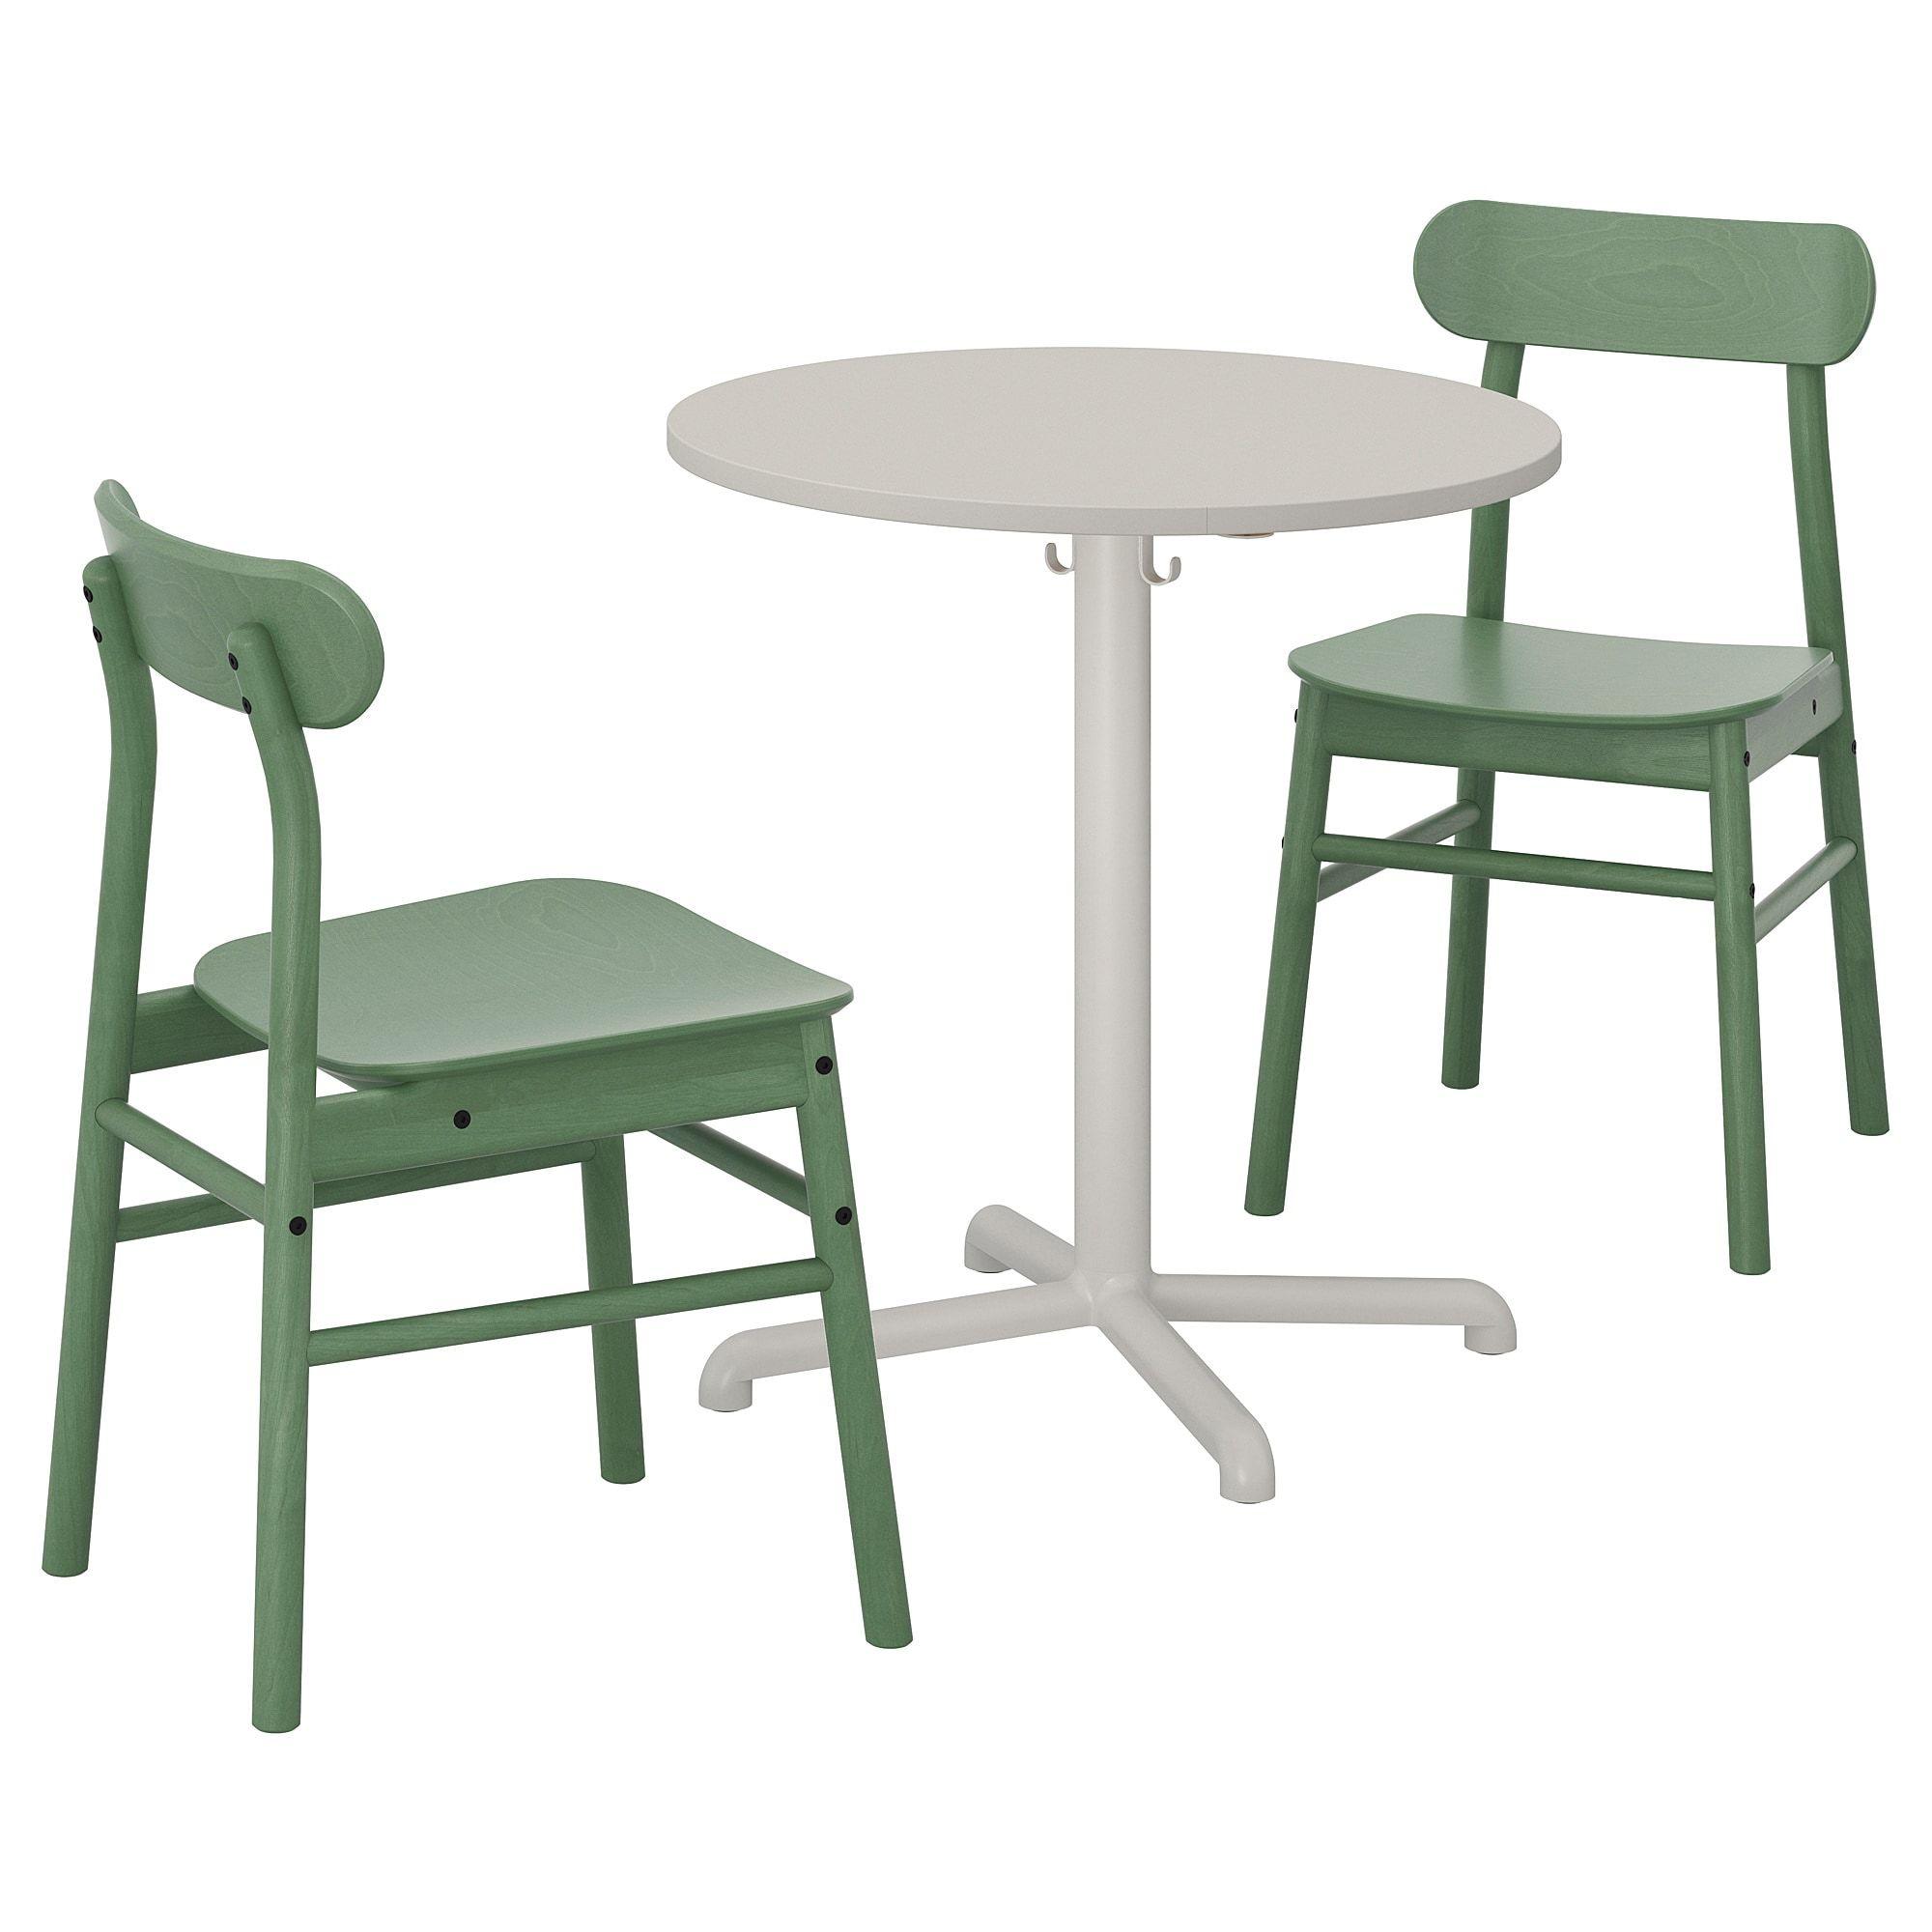 Stensele Ronninge Tisch Und 2 Stuhle Hellgrau Hellgrau Grun